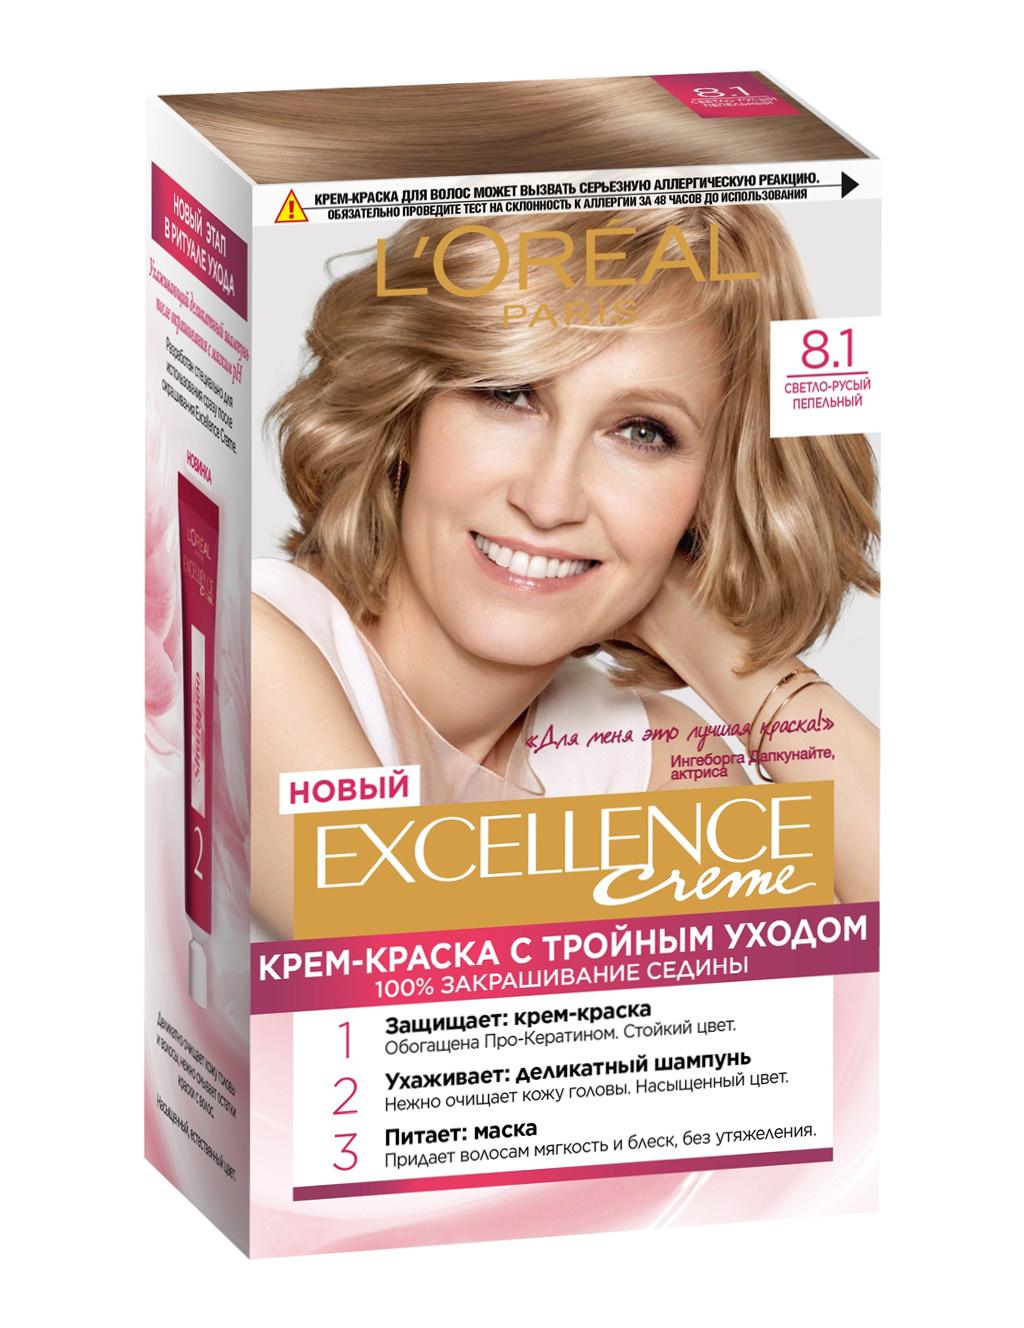 Крем-краска для волос L'Oreal Excellence тон 8.1 (Светло-русый пепельный)